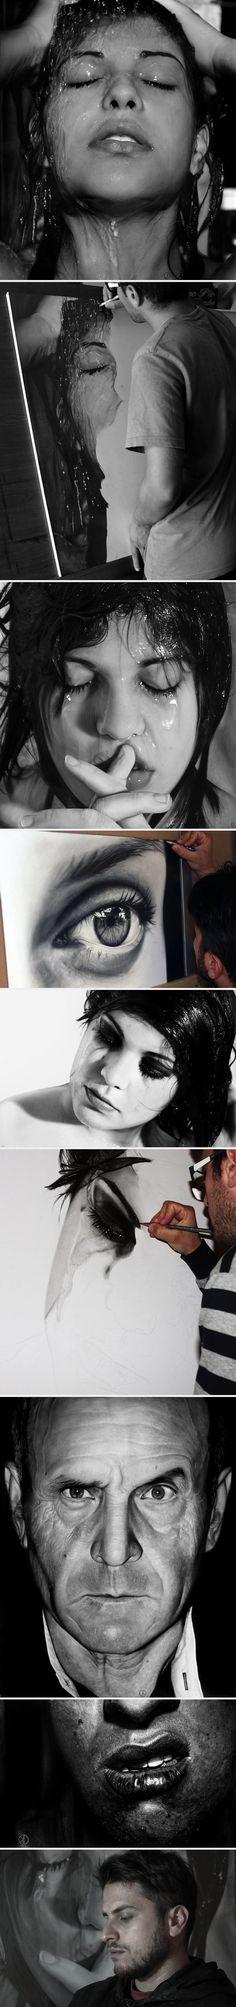 Pencil art by artist Diego Fazio - 9GAG